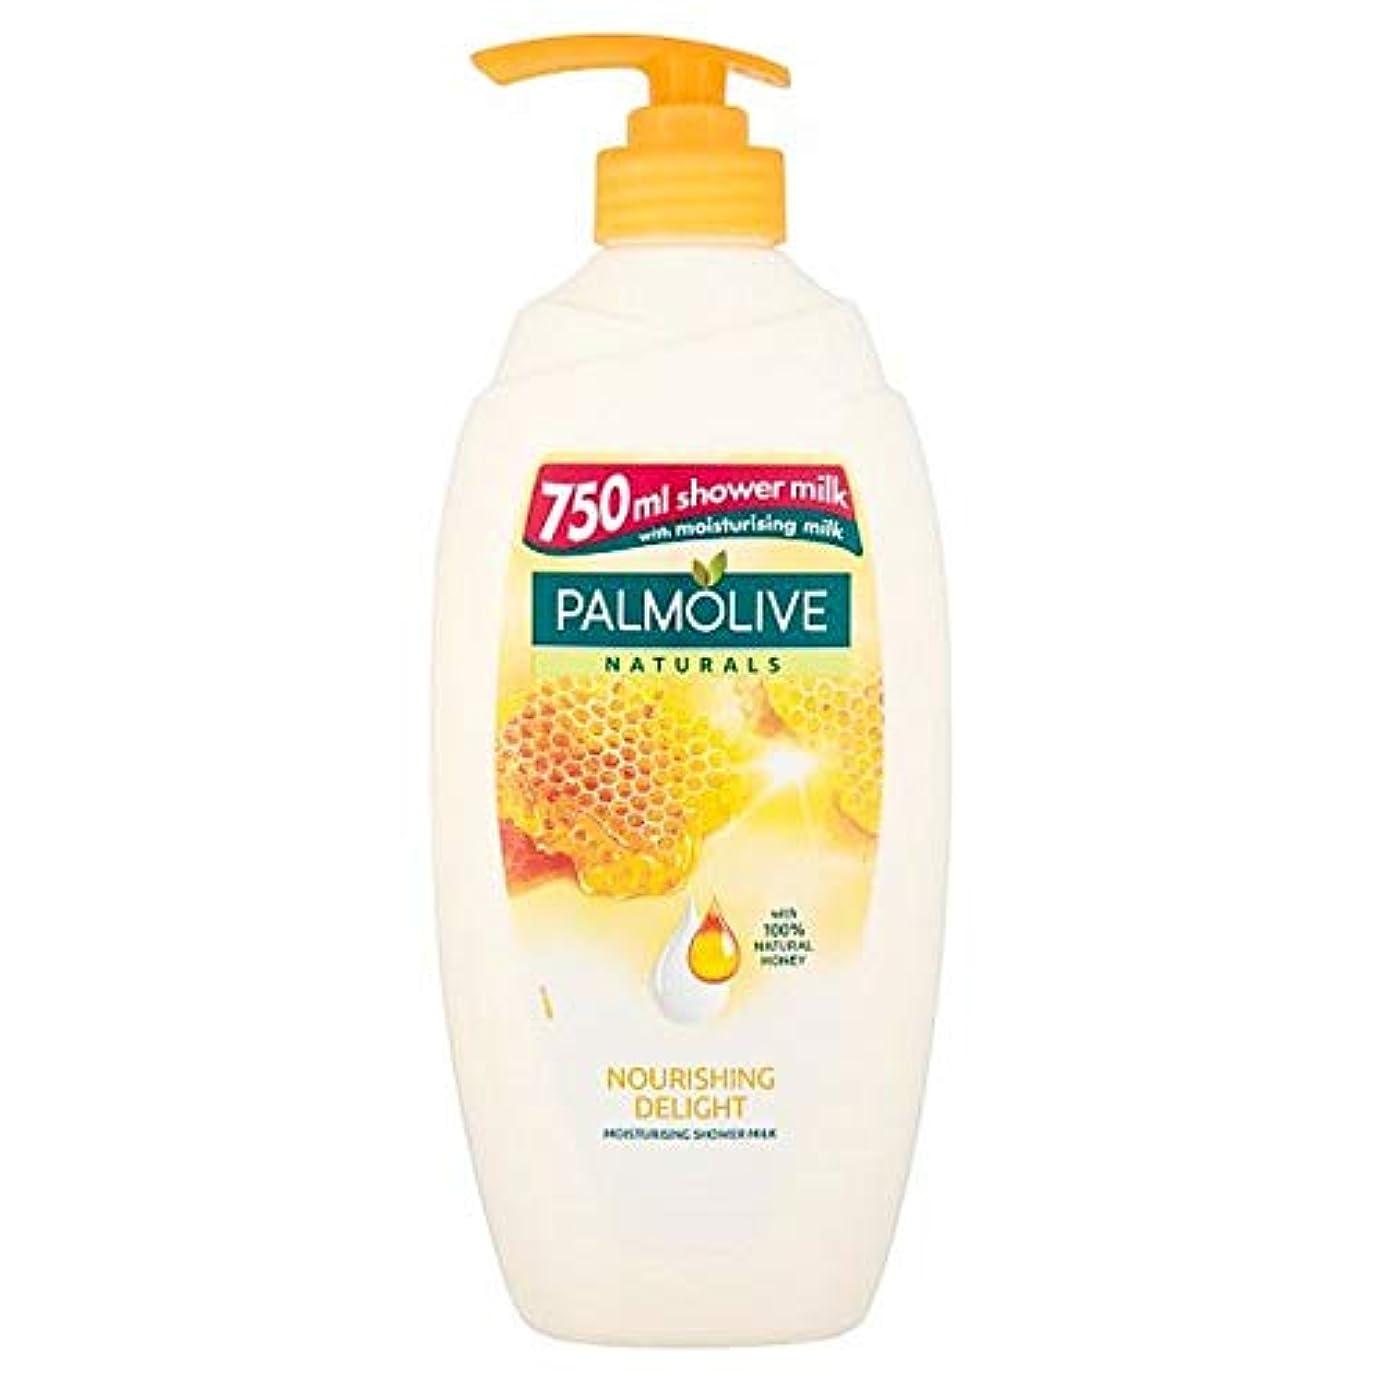 狼見捨てる細菌[Palmolive ] パルモナチュラルミルクとはちみつシャワージェル750ミリリットル - Palmolive Naturals Milk And Honey Shower Gel 750Ml [並行輸入品]